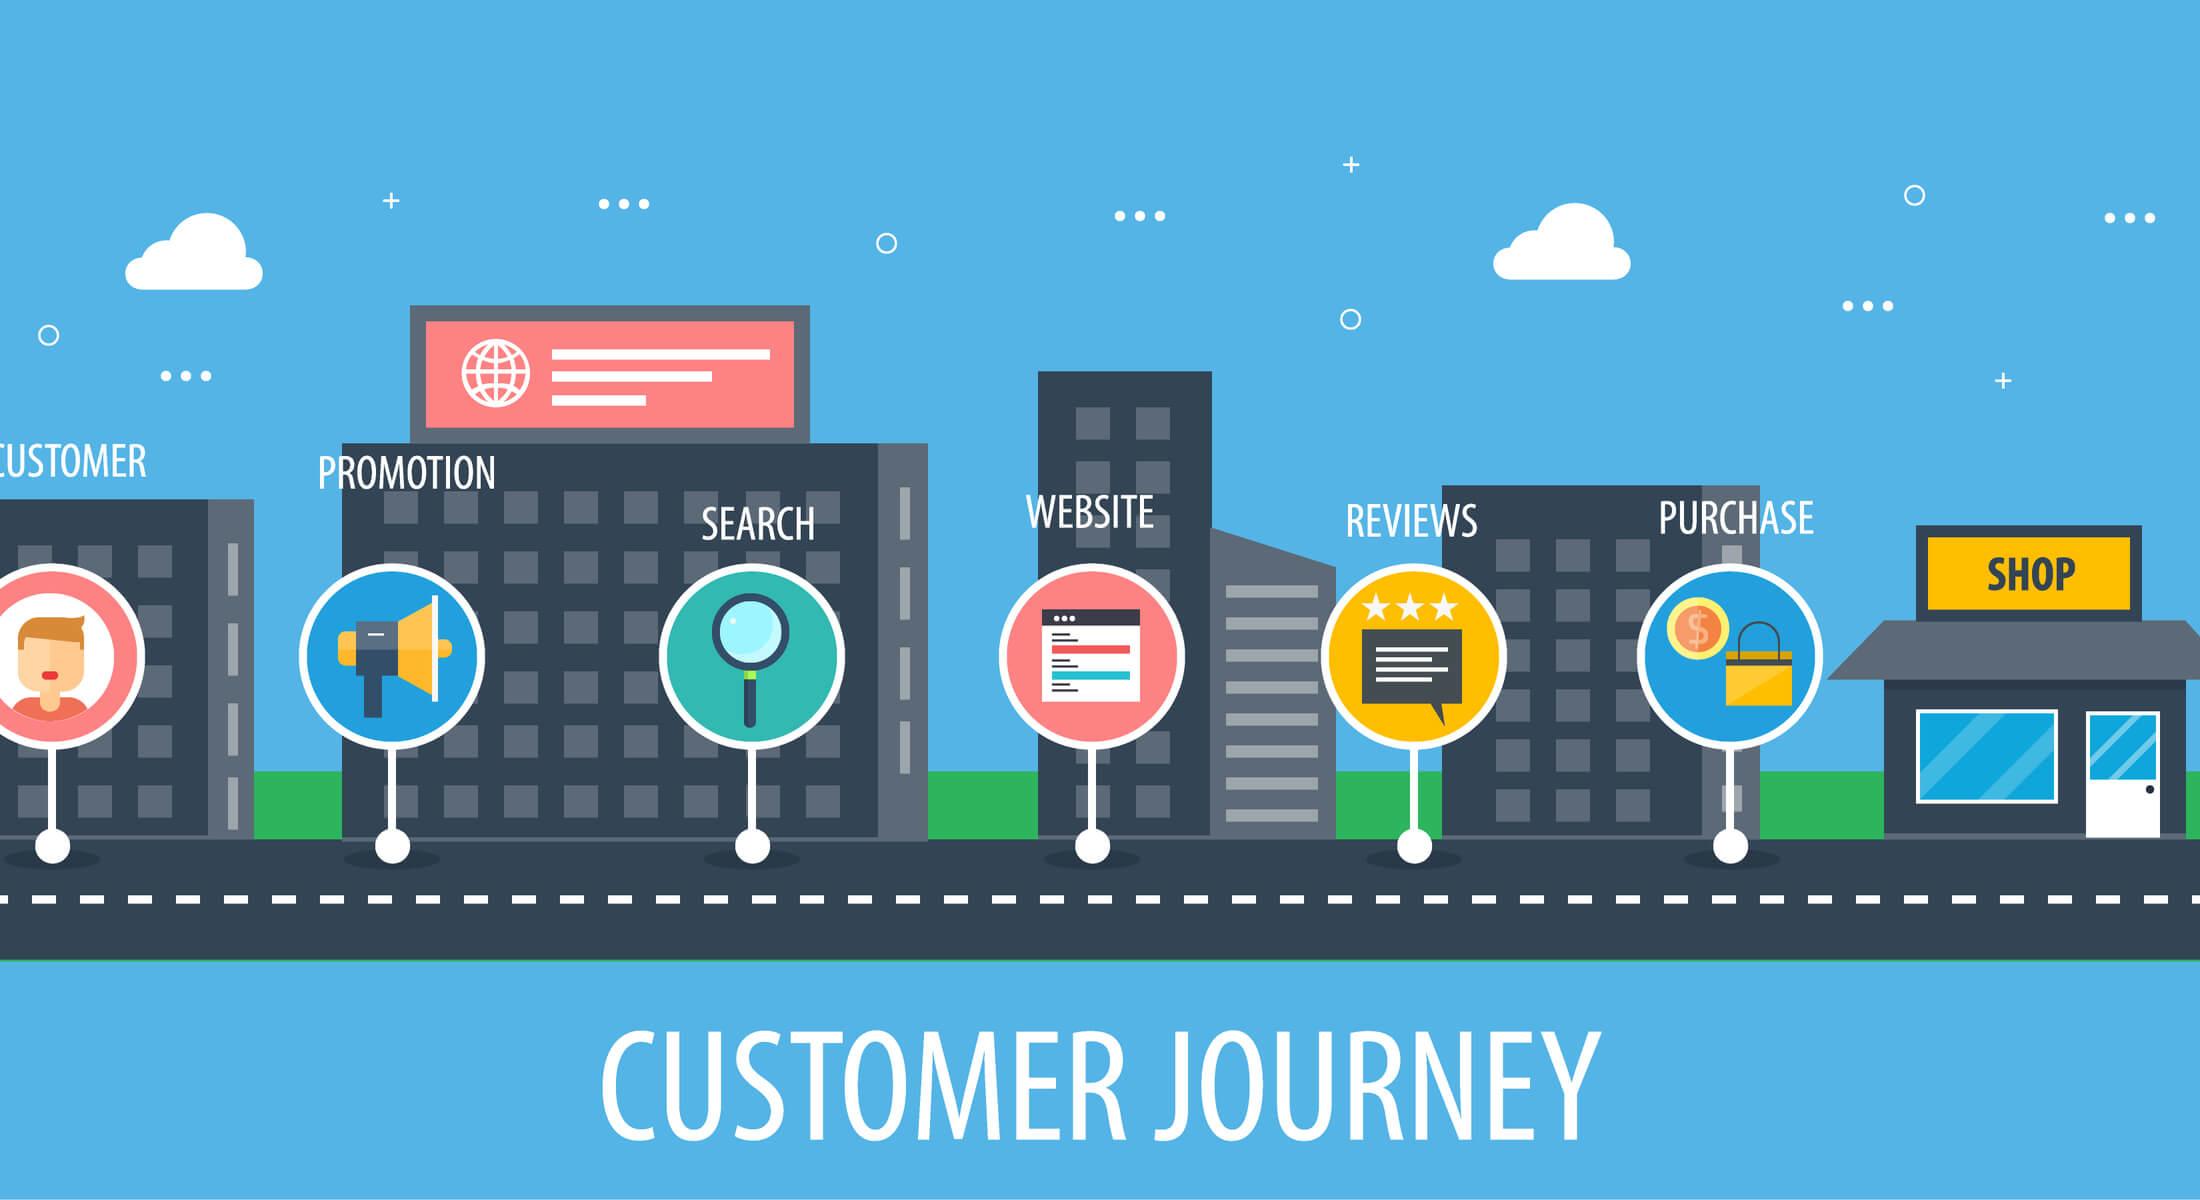 ilustração sobre jornada do consumidor